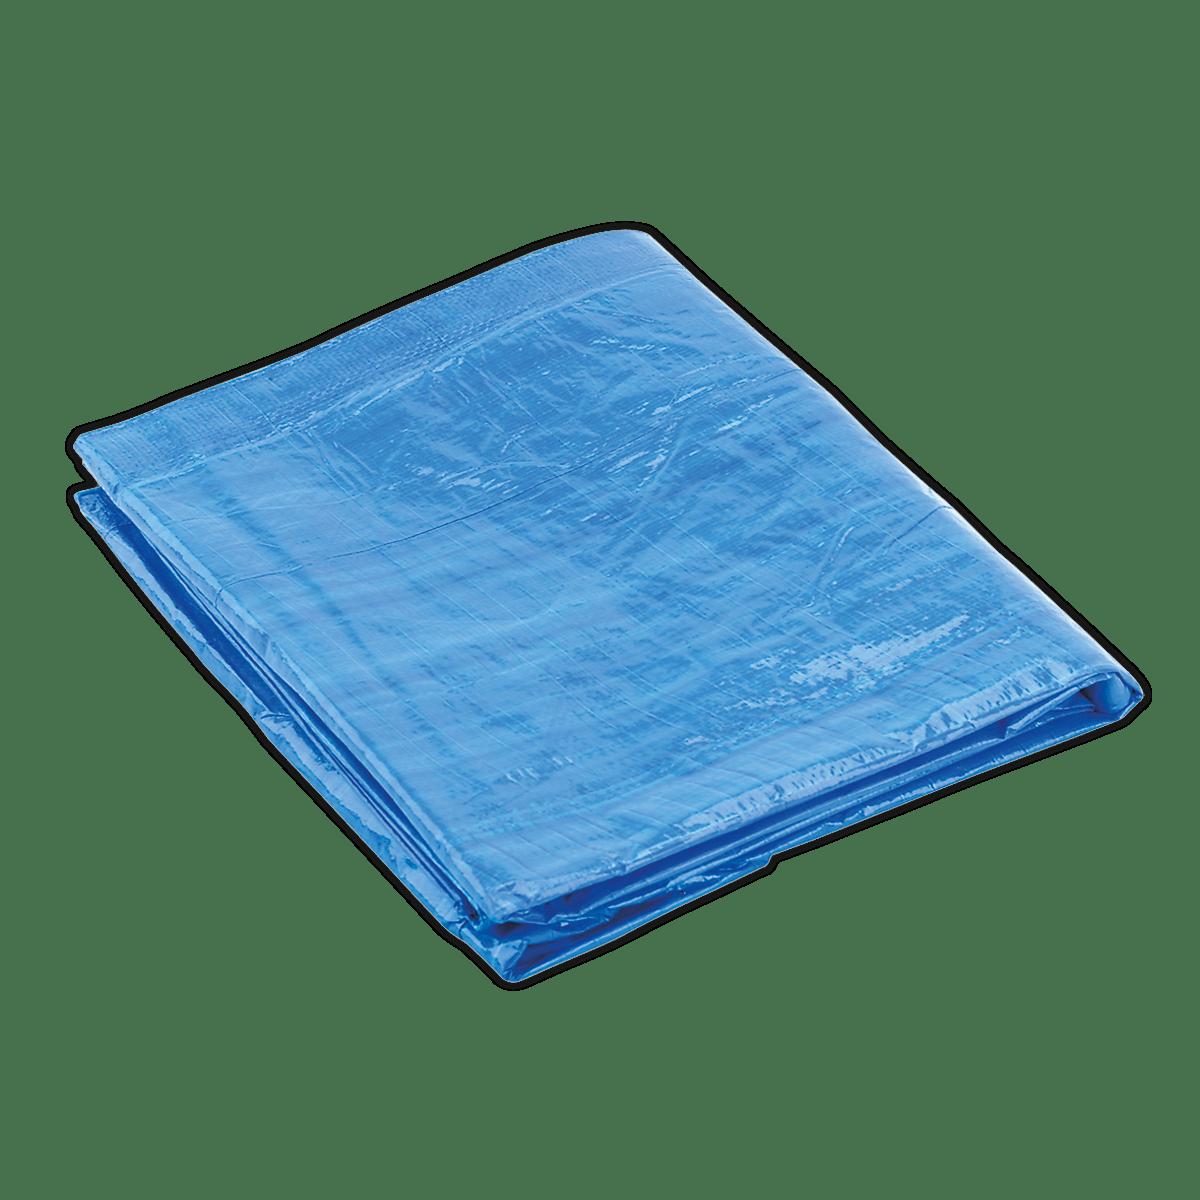 Sealey Tarpaulin 3.66 x 4.88m Blue TARP1216